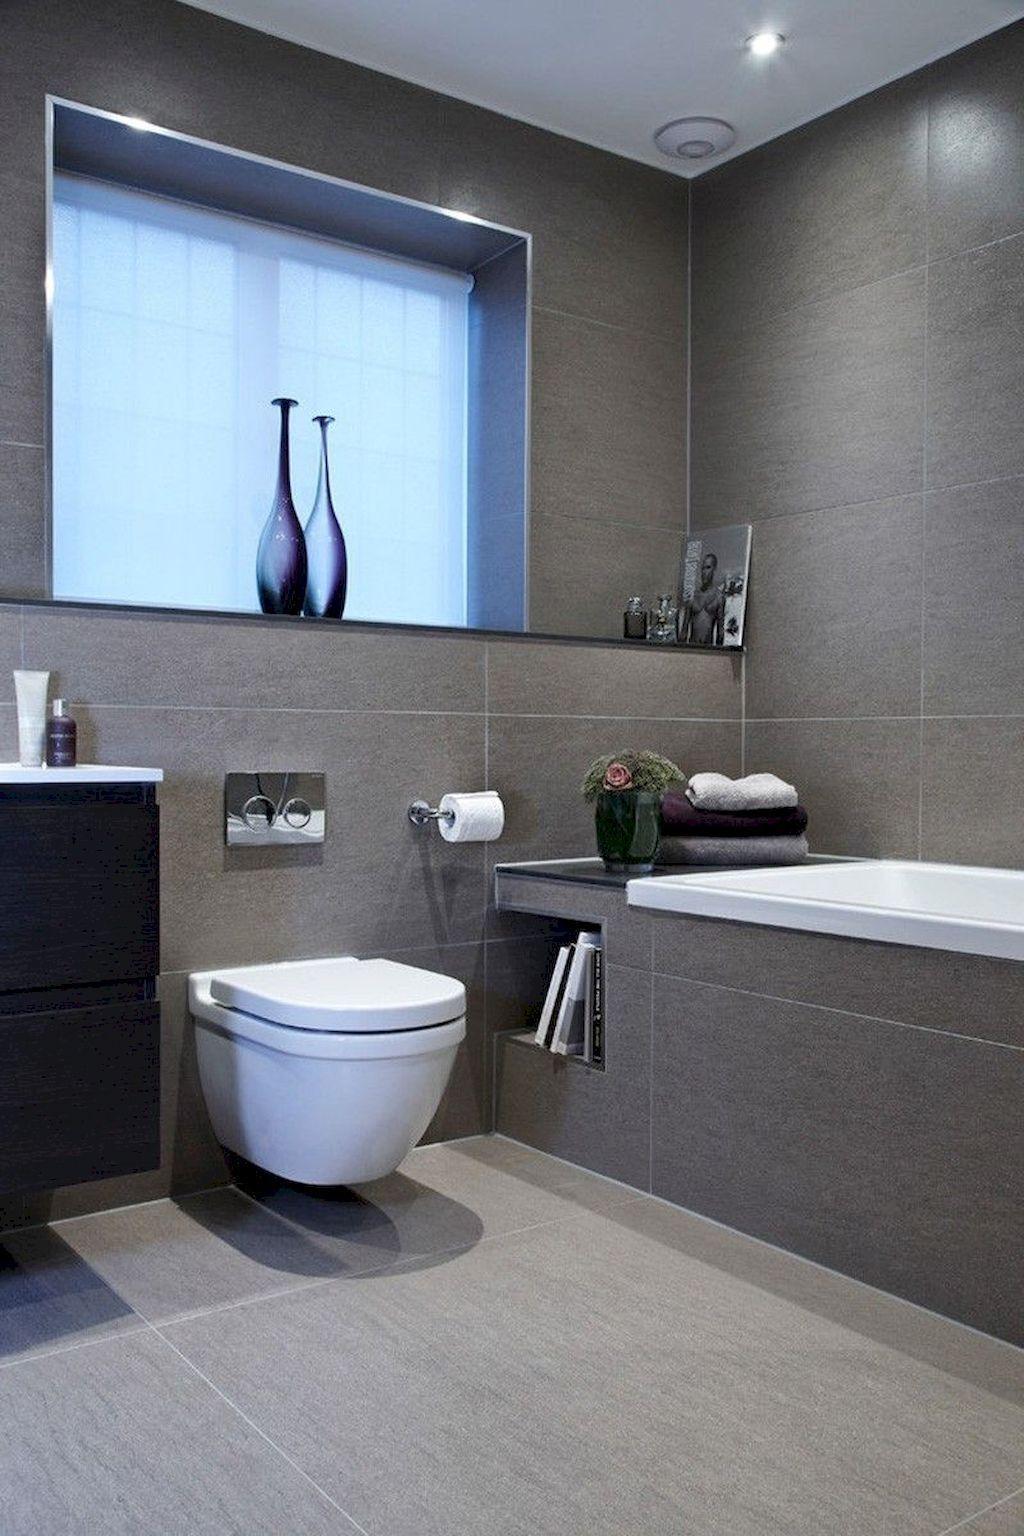 Badezimmer dekor mit fliesen pin von annika auf wohnen  pinterest  badezimmer bad und